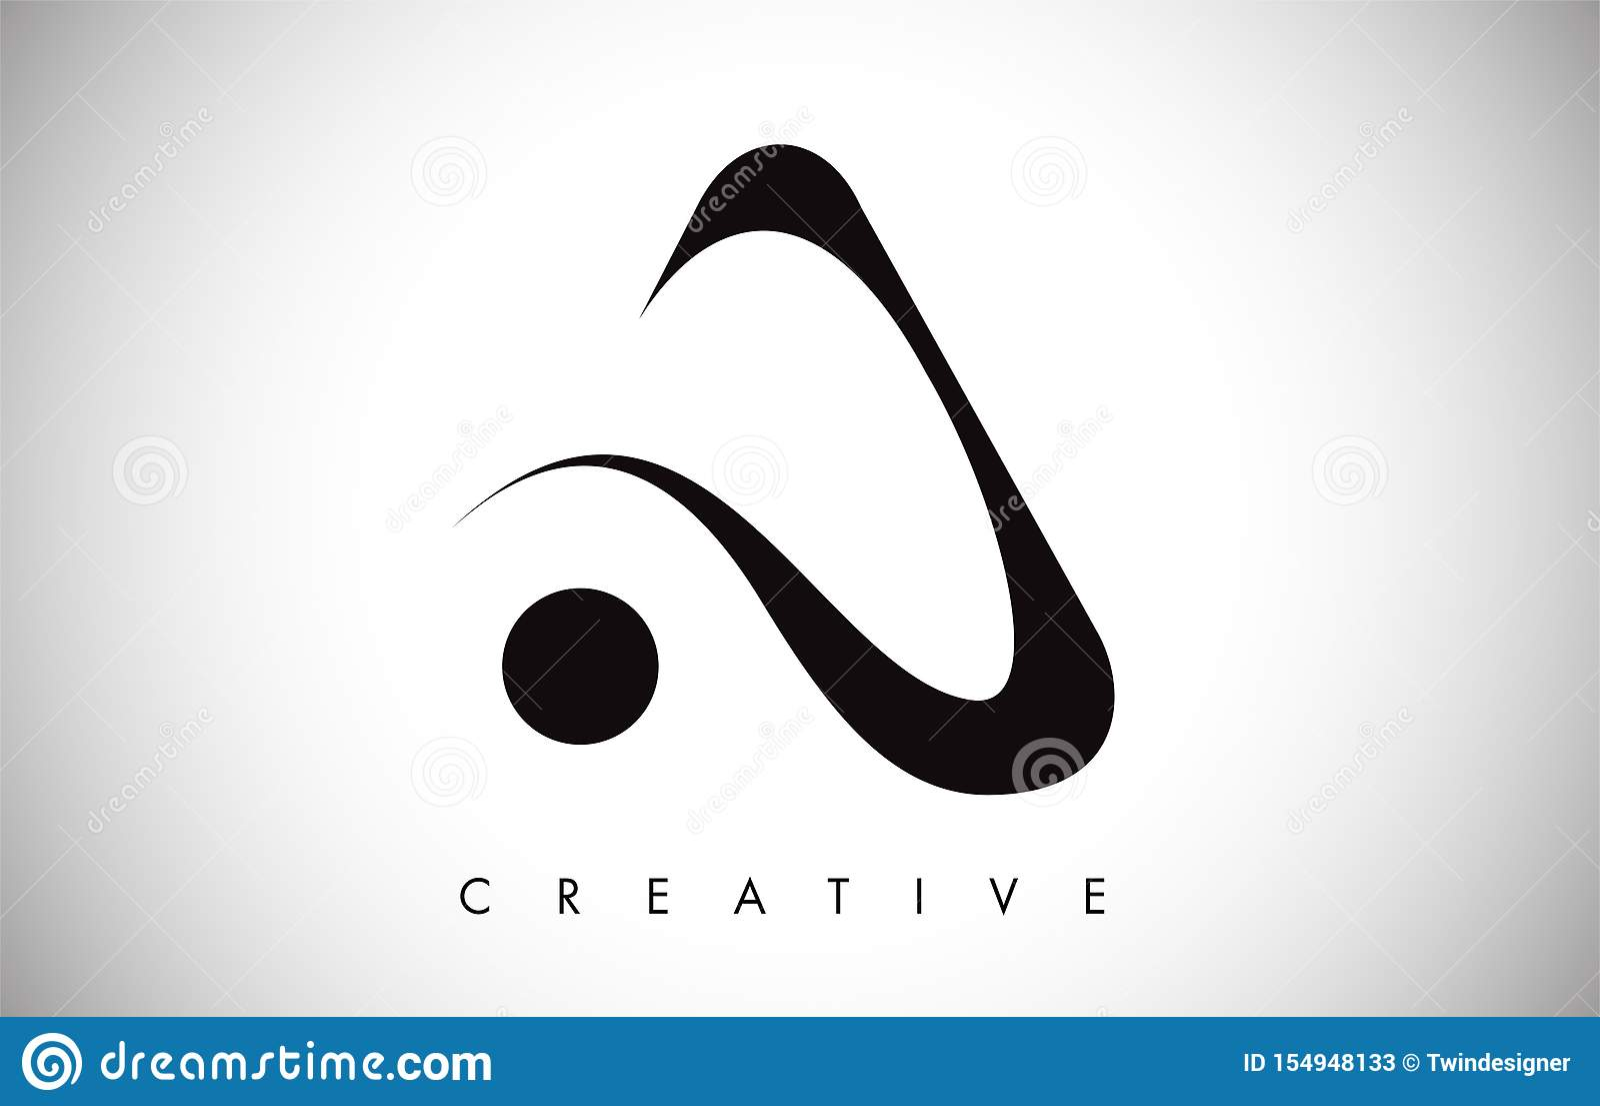 Ένα σύγχρονο καθιερώνον τη μόδα λογότυπο σχεδίου επιστολών swoosh Επιστολή ένα λογότυπο εικονιδίων με το σύγχρονο swoosh